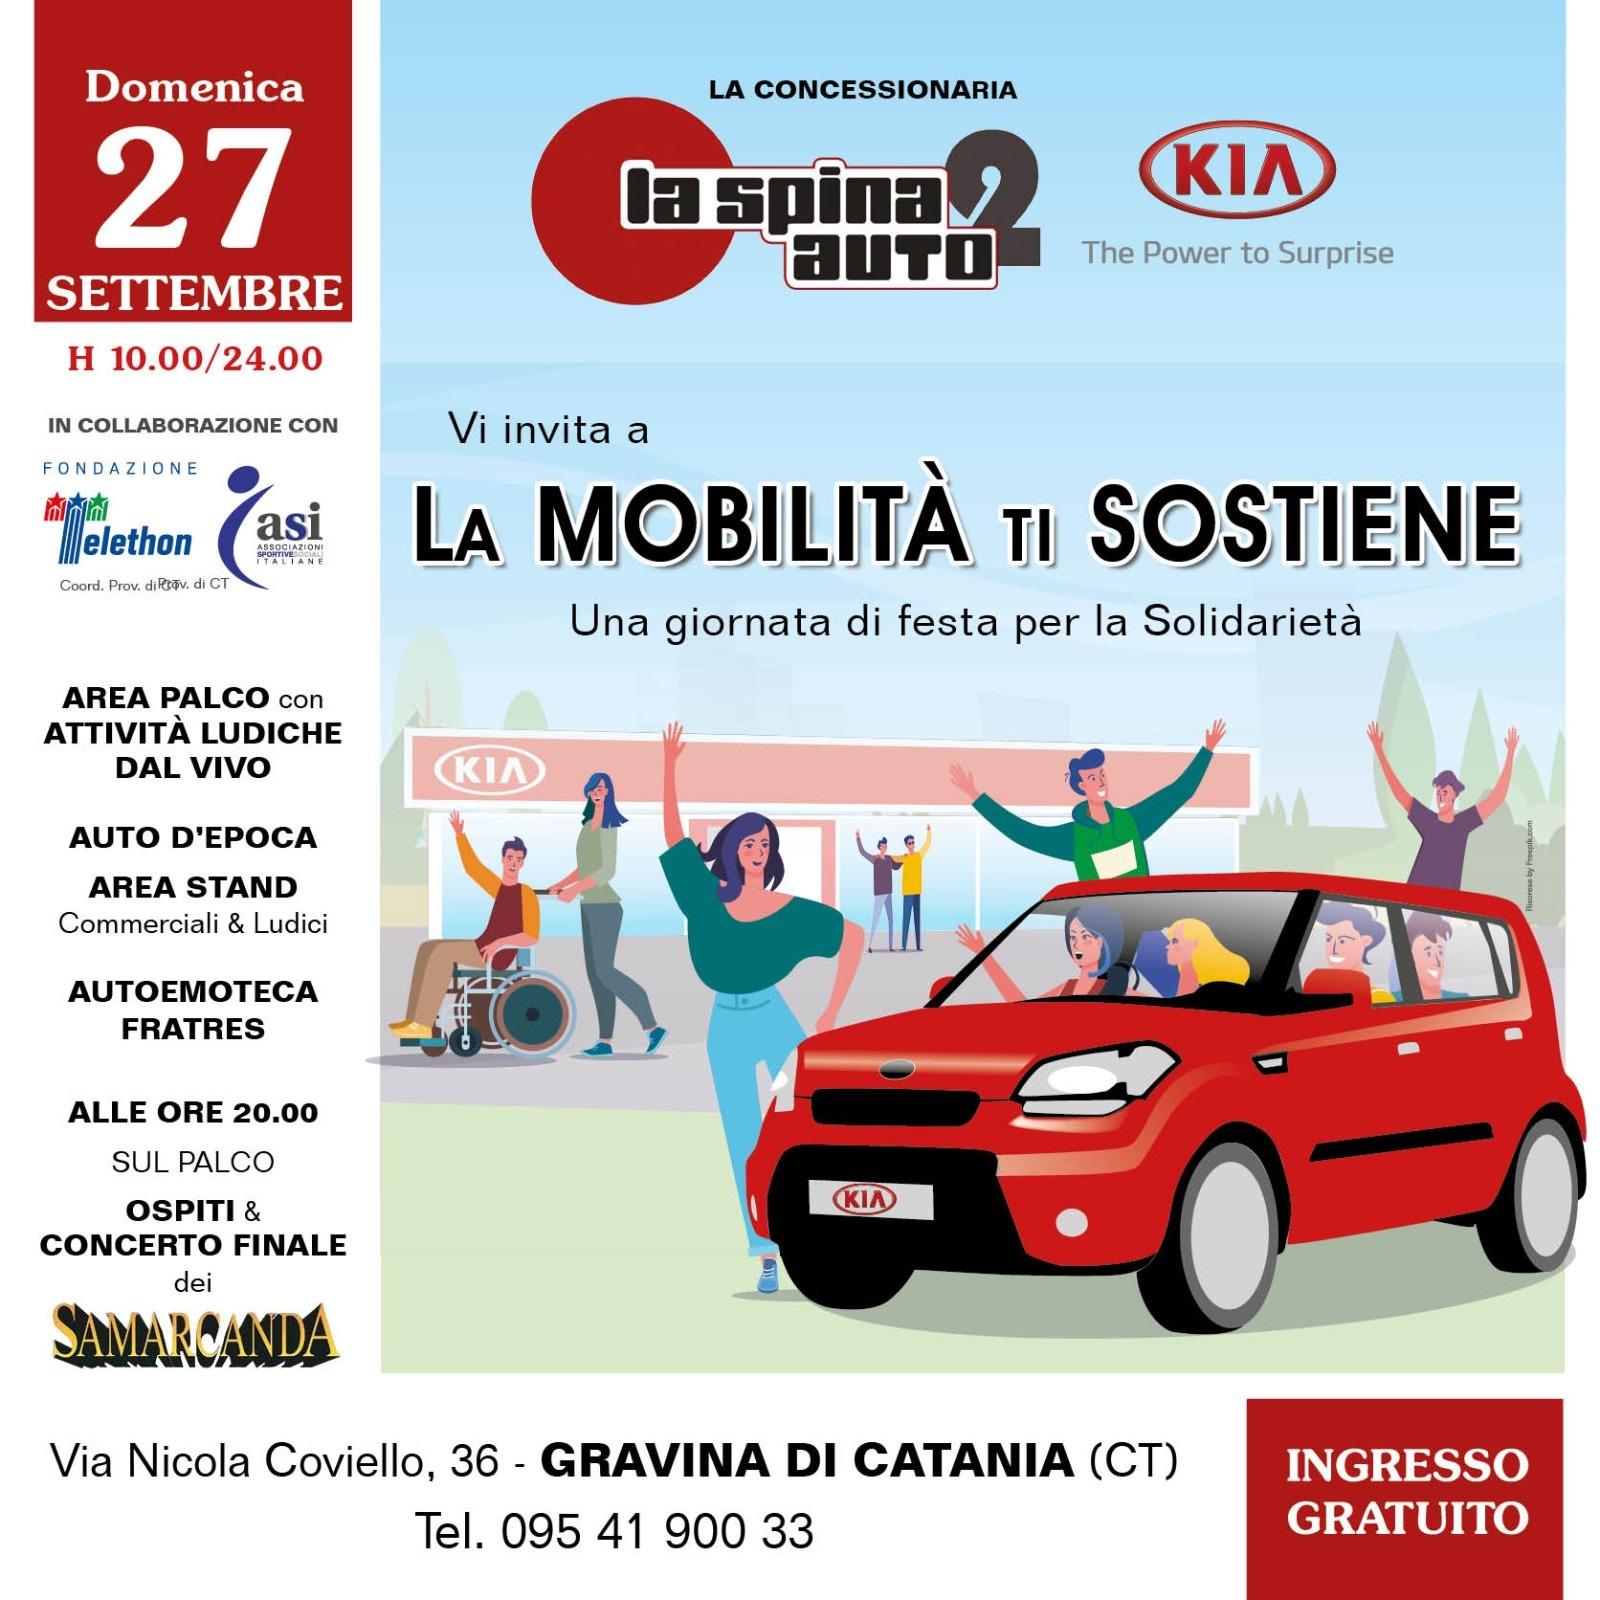 Arriva a Catania ELETTRICO 100%, il primo evento espositivo interamente dedicato alla mobilità elettrica e sostenibile.